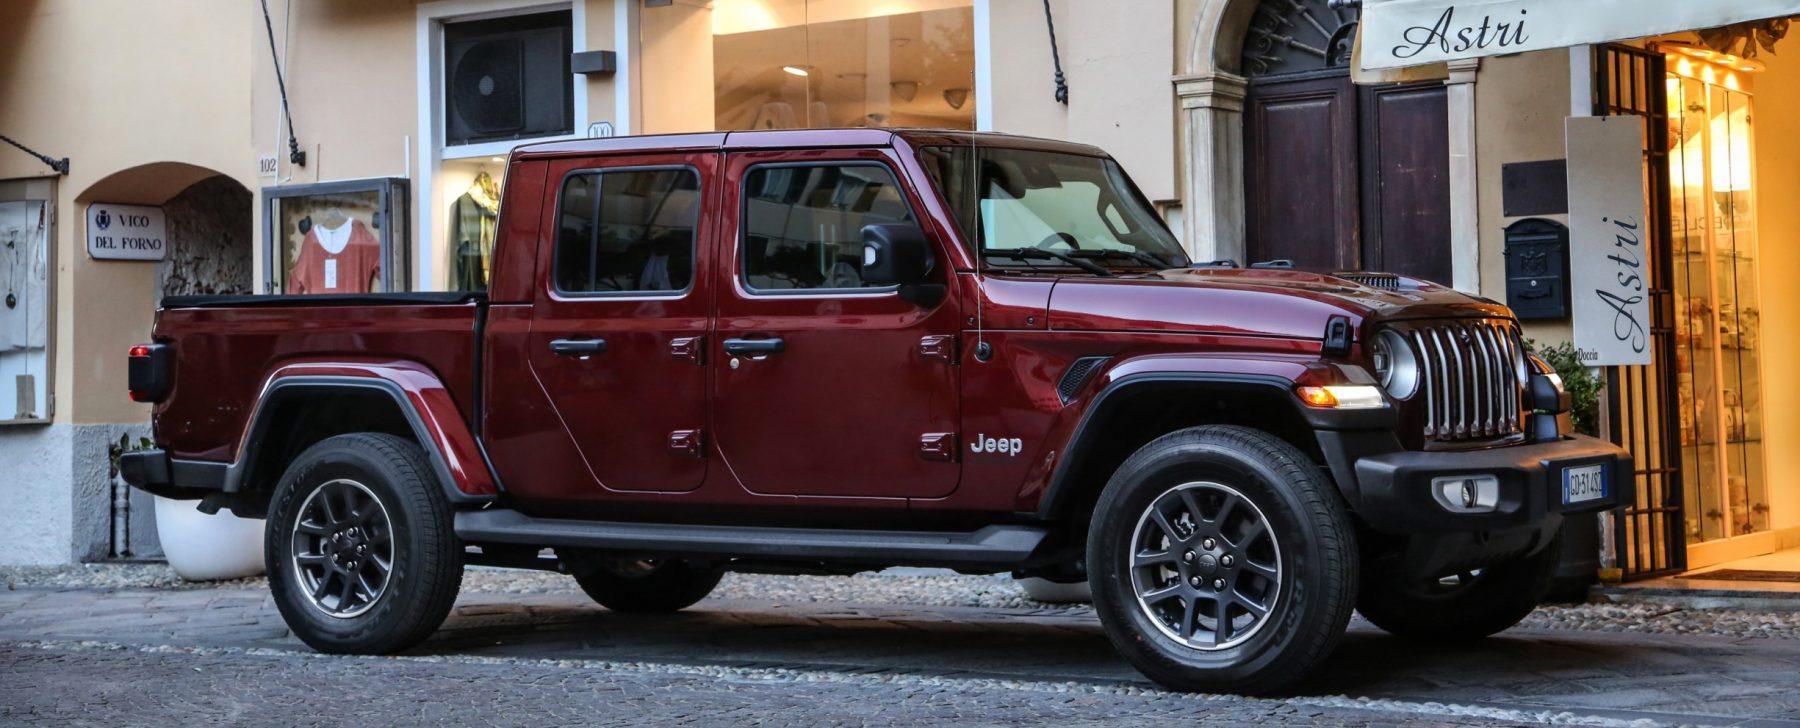 Jeep Gladiator: un Wrangler enorme y 'pick-up'